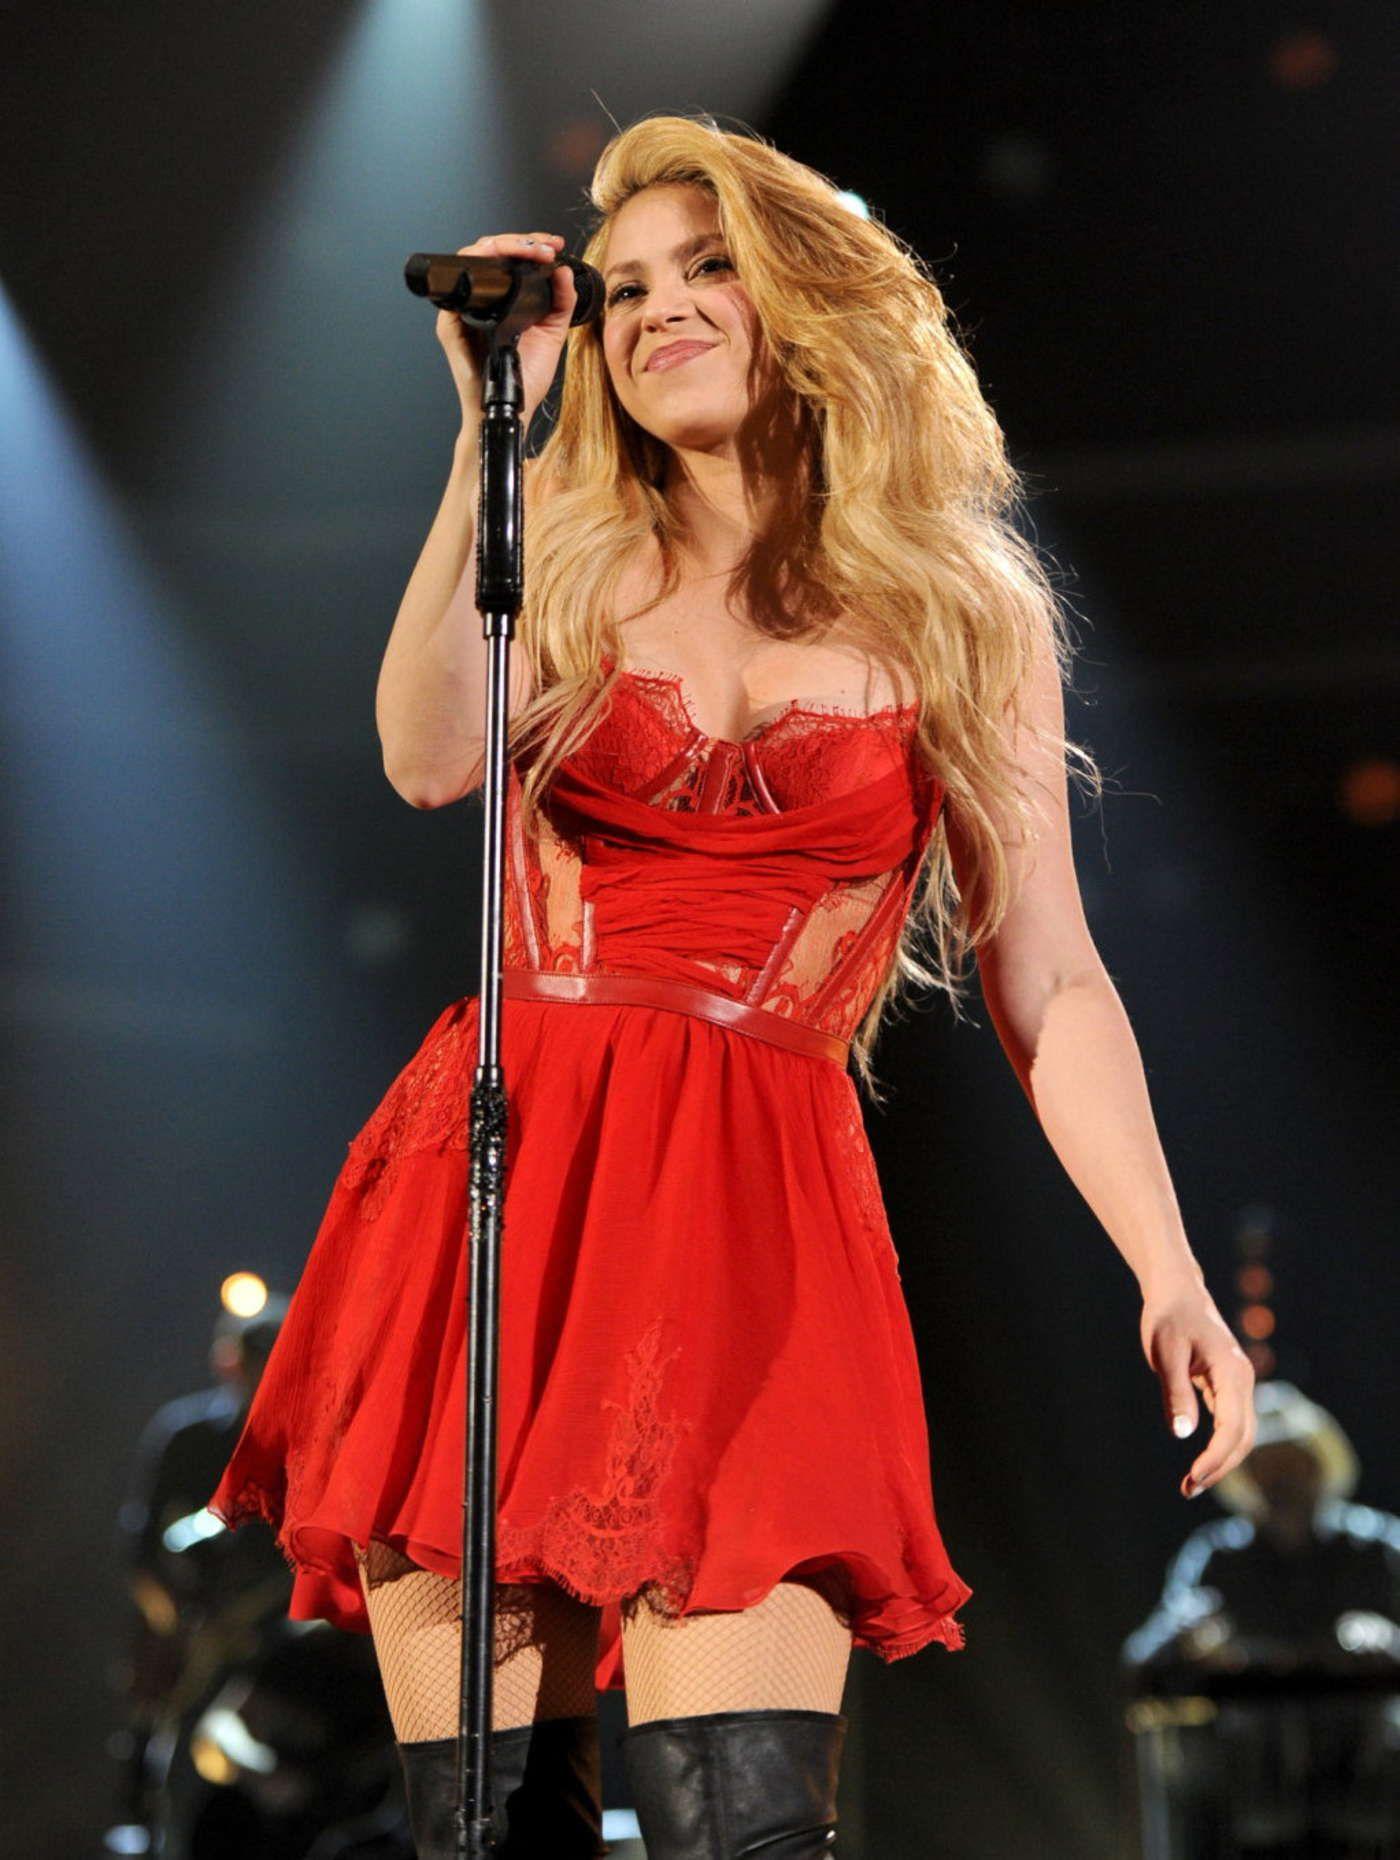 milan e shakira 2014 dresses - photo#14